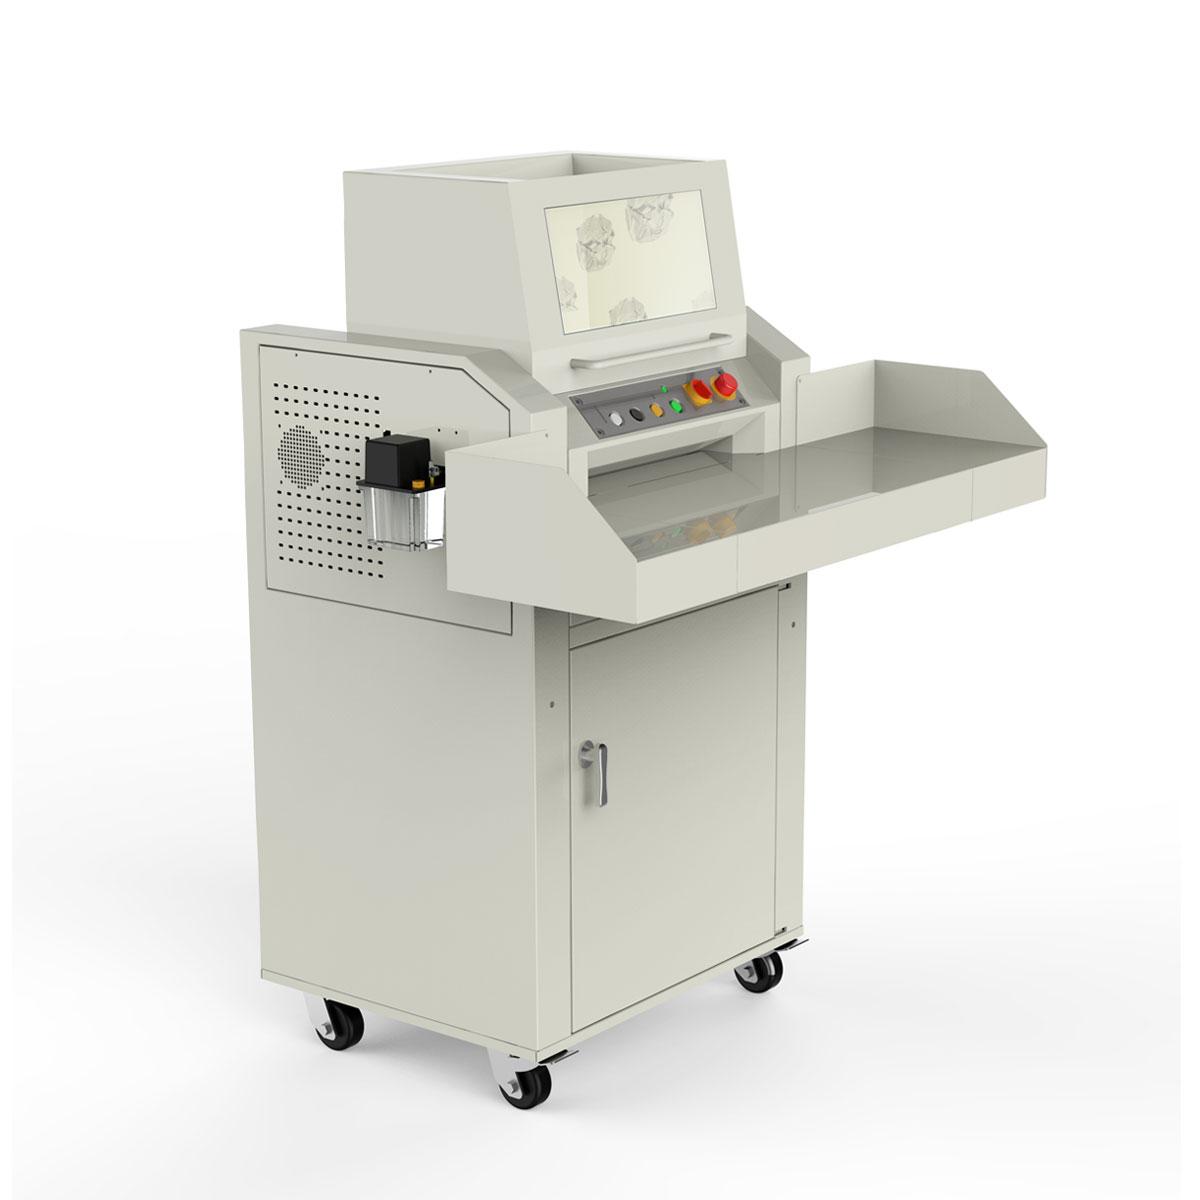 浩顺S-4670碎纸机(3PH/三相电专用)